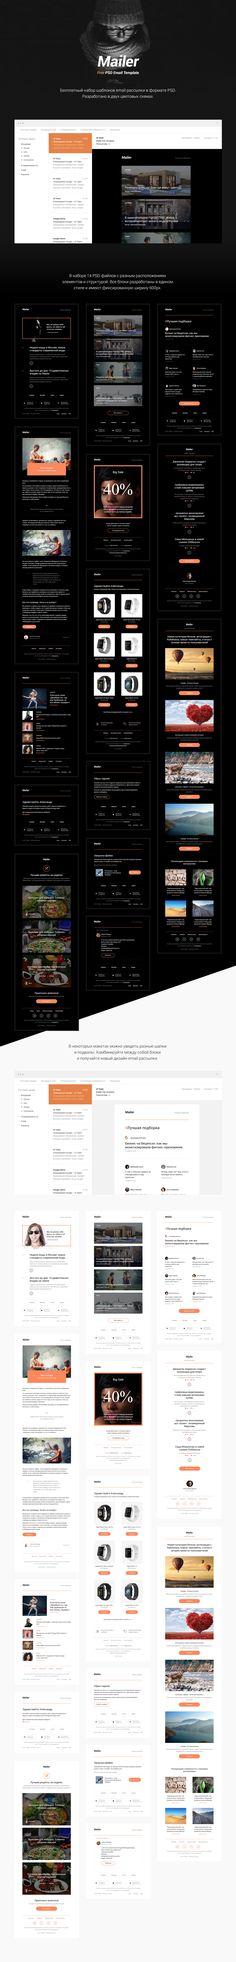 Бесплатный набор готовых шаблонов в формате PSD для рассылки сообщений и уведомлений на почту ваших клиентов. Разработано два цветовых решения: черный и белый. Рабочая ширина 600px, что позволяет одинаково хорошо отображать контент на компьютерах и мобильных телефонах. Ваши клиенты будут с радостью открывать письма с нашим дизайном.